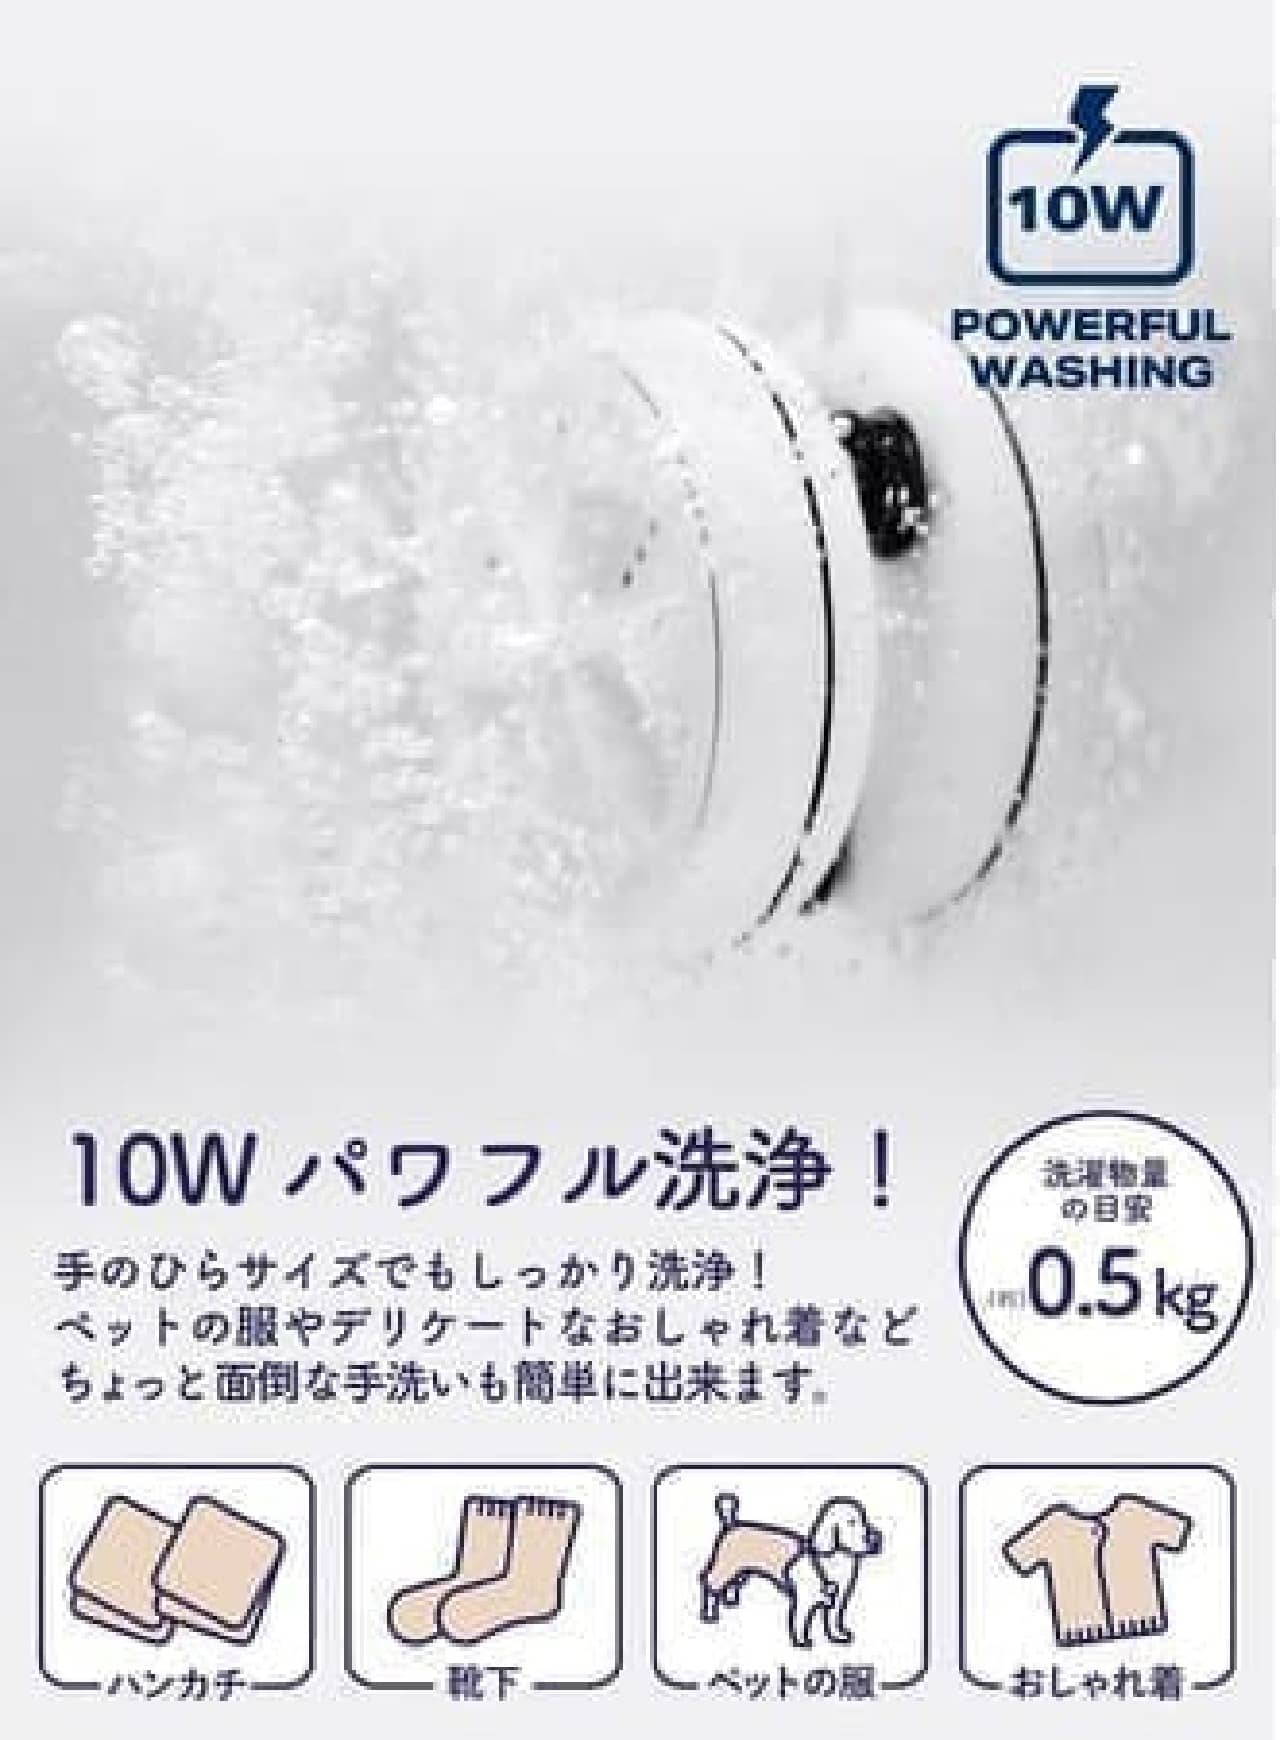 【バケツ型洗浄機】ウォッシュボーイ TOM-12w